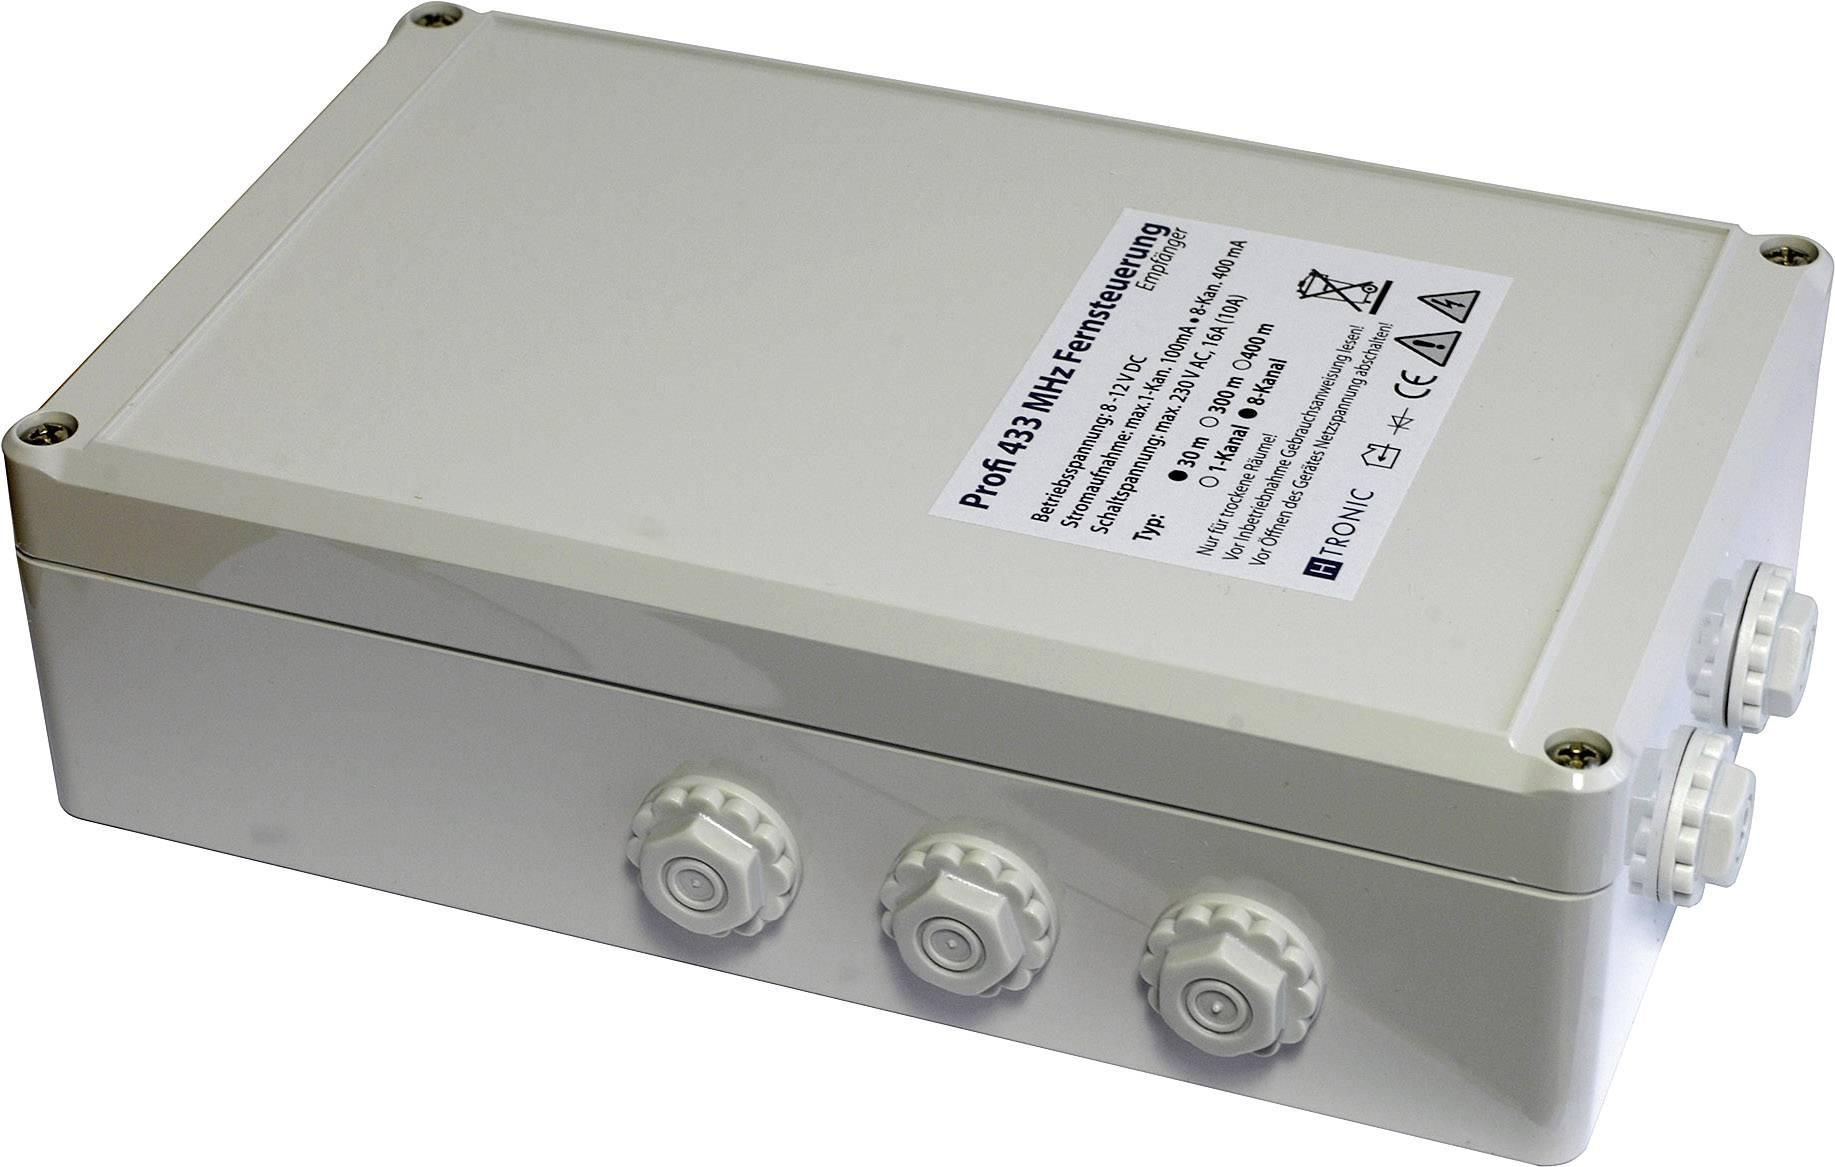 Prijímač 8-kanálový H-Tronic (30 m) - hotový výrobok